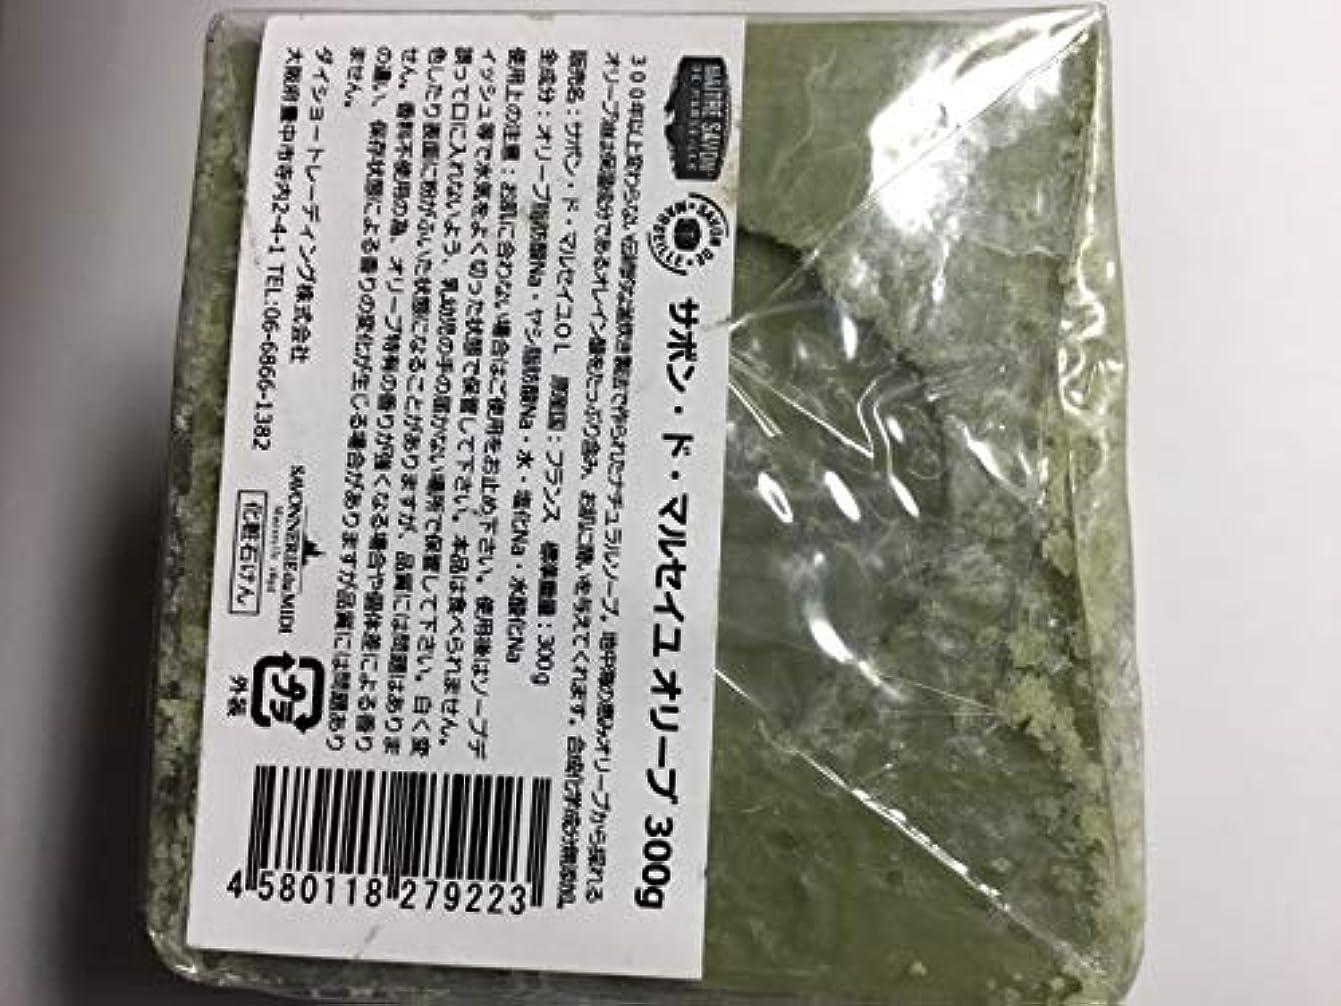 トライアスロン交差点投資する【お買い得】 マルセイユ石鹸 オリーブ 300g